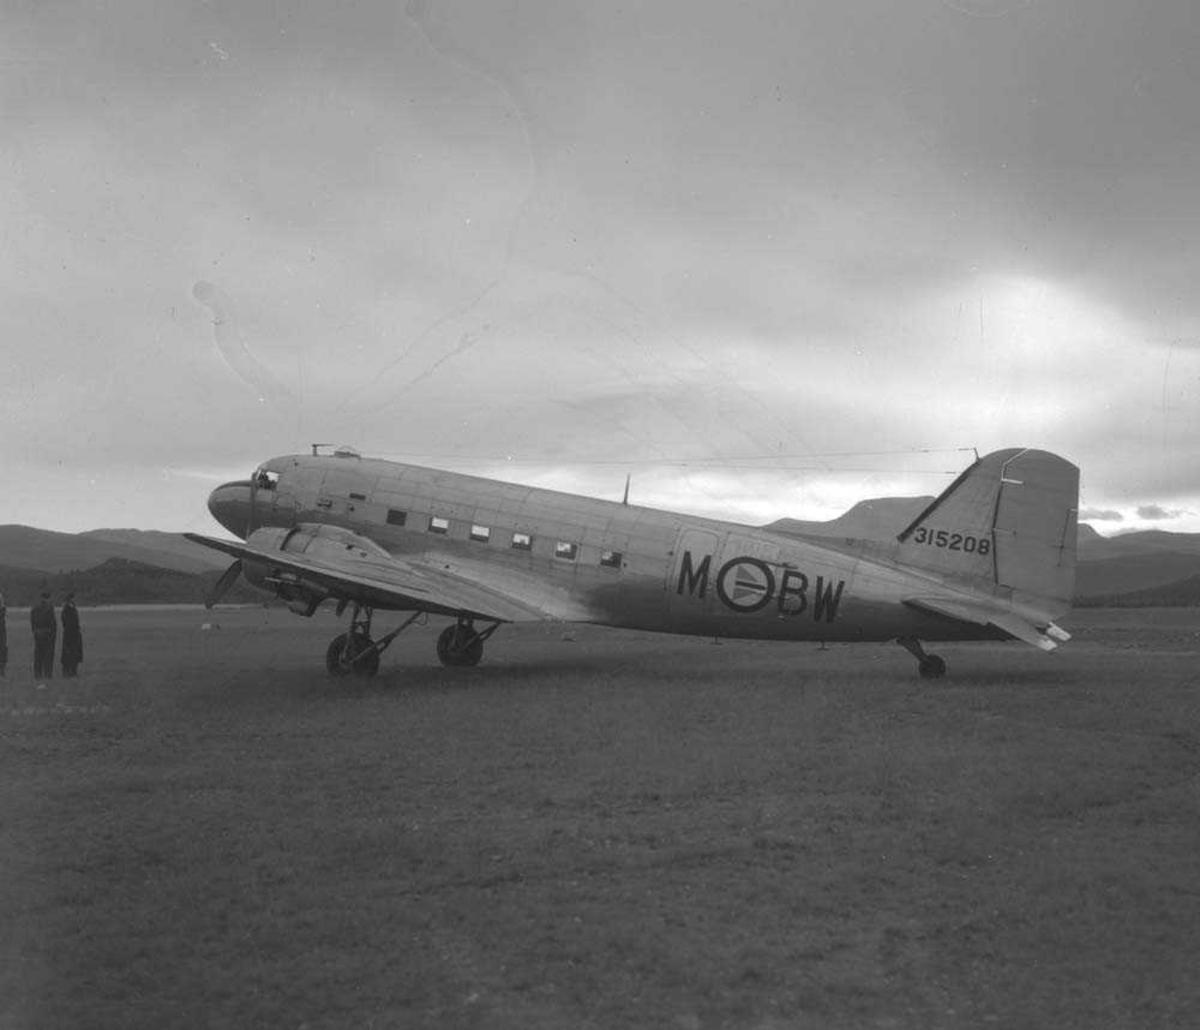 Lufthavn. Ett fly på bakken, C-47 Dakota, MBW fra luftforsvaret.